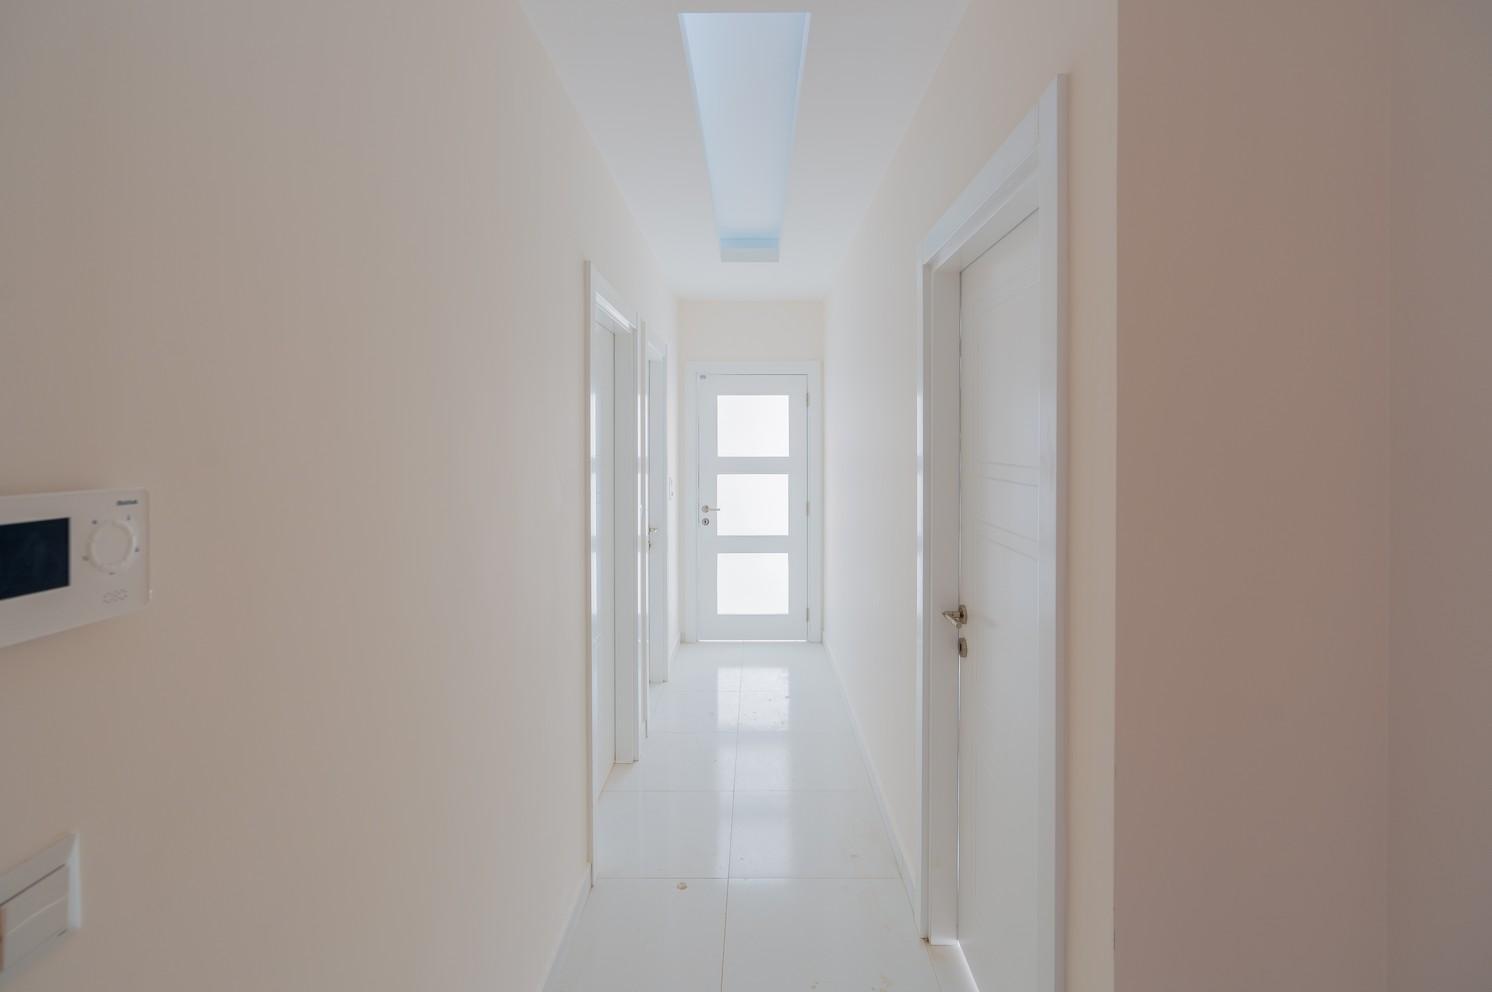 Инвестиция в просторные квартиры и пентхаусы - Фото 15